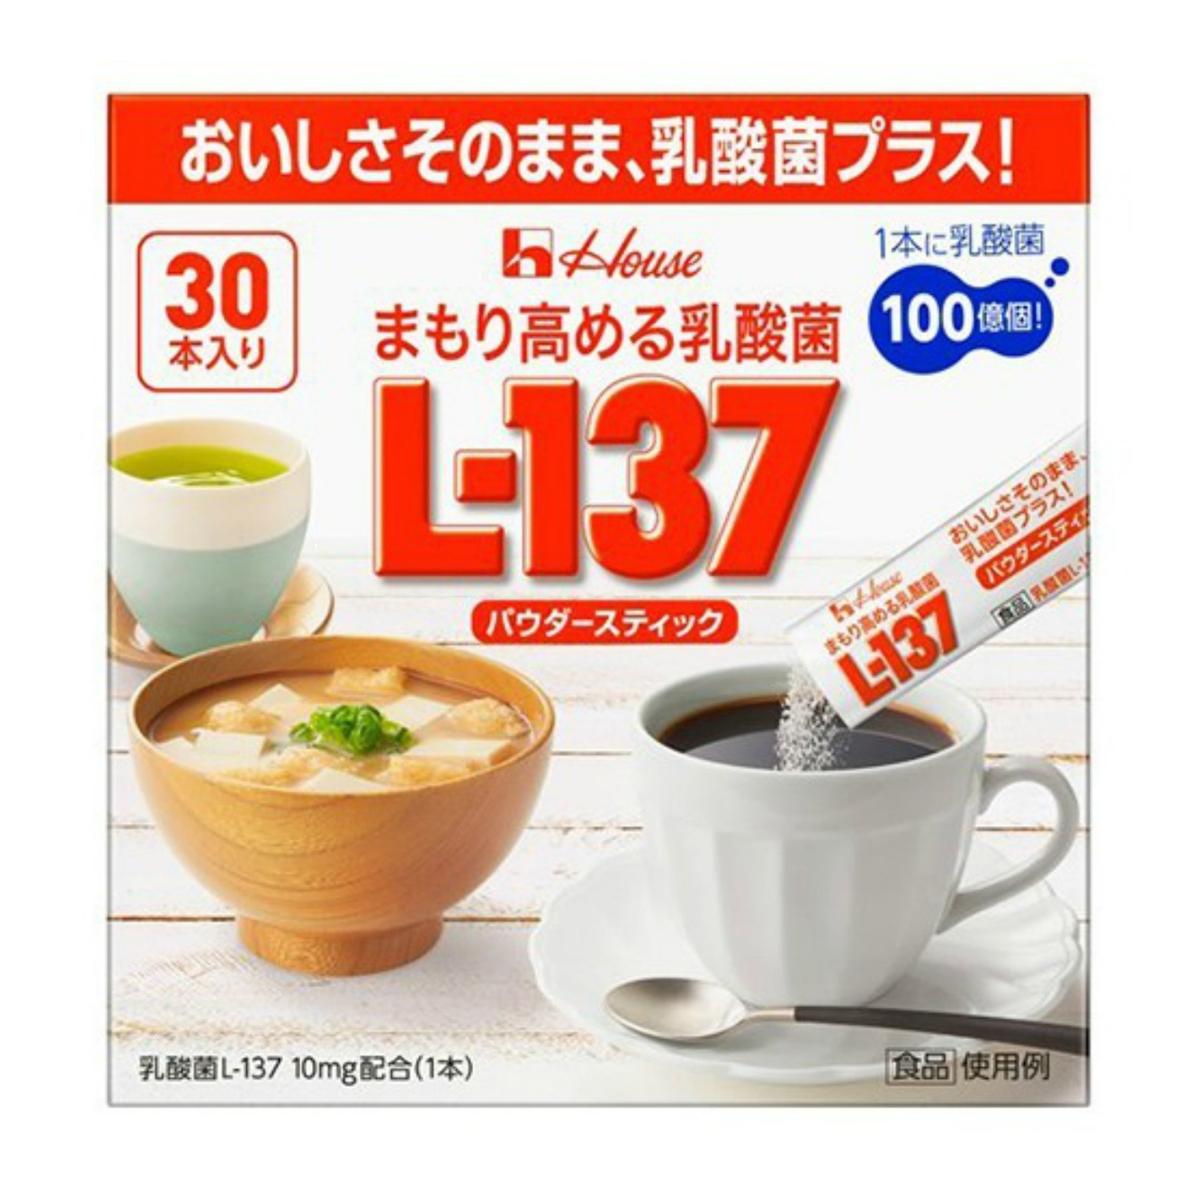 【送料無料・まとめ買い×10】ハウス まもり高める乳酸菌 L-137 パウダースティック 30本入